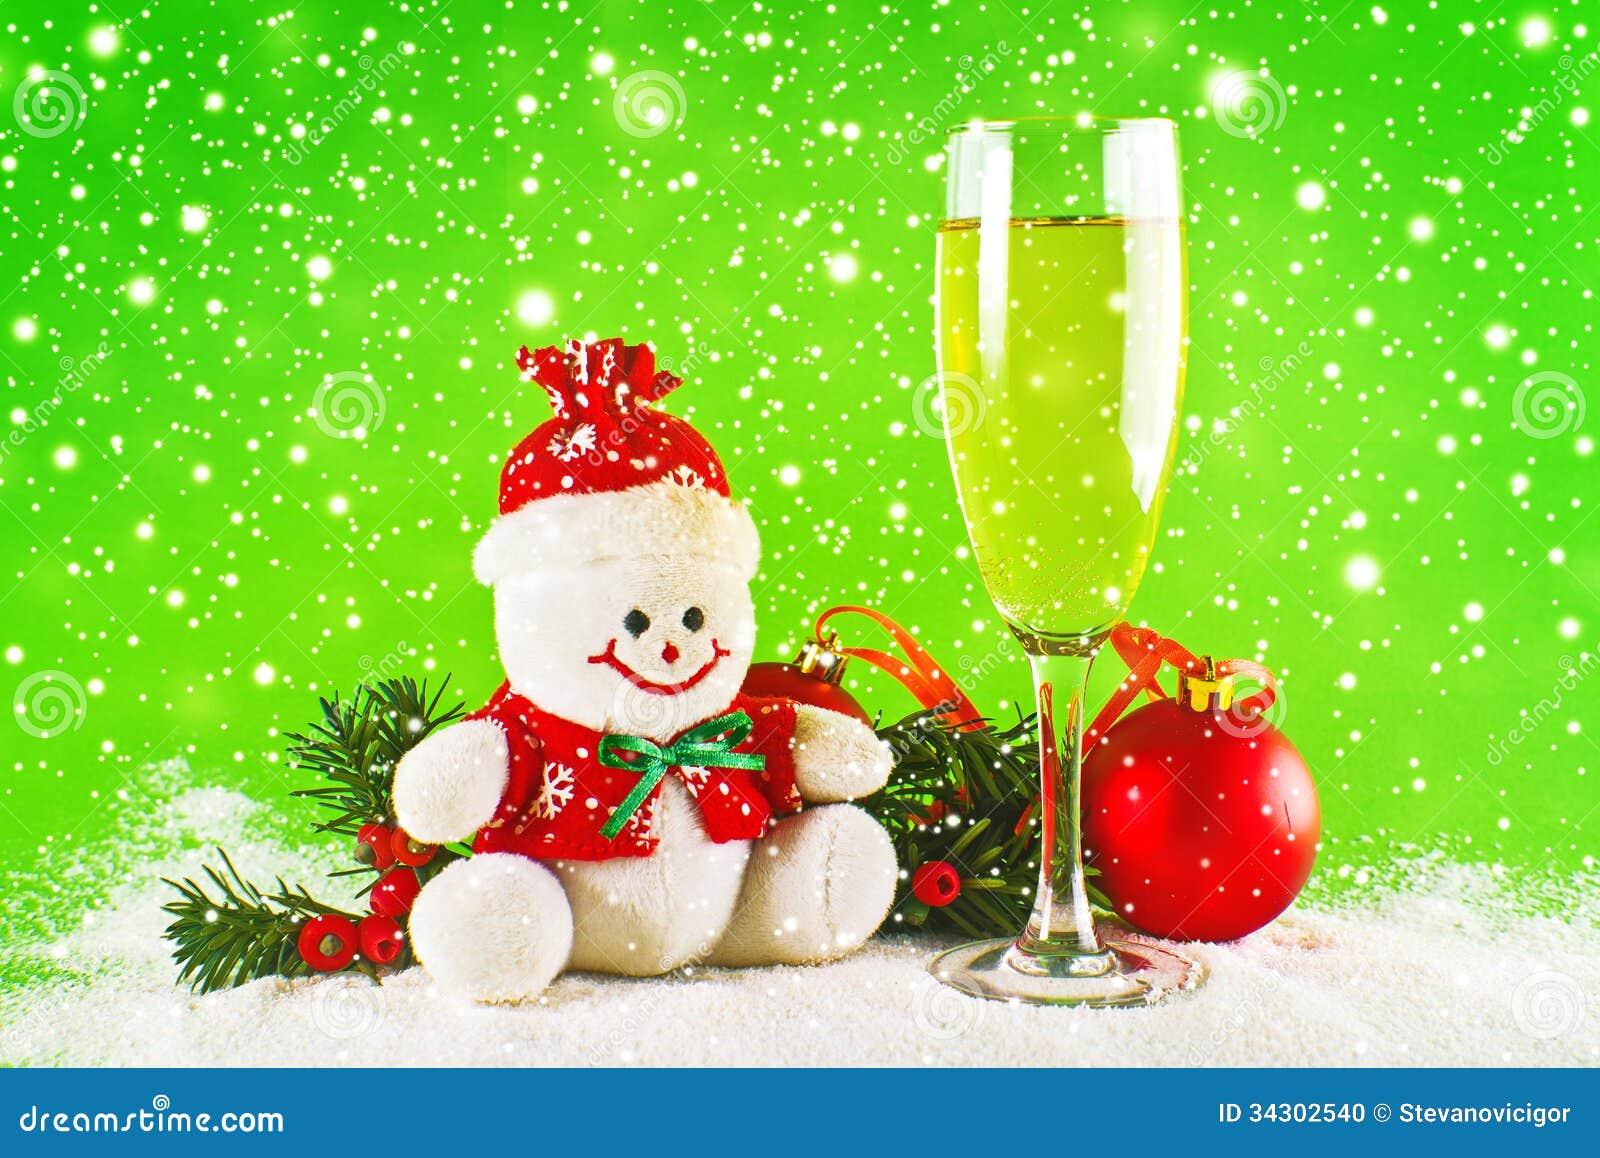 Boules de no l verre de vin et bonhomme de neige de laine photo stock image 34302540 - Bonhomme de neige en laine ...